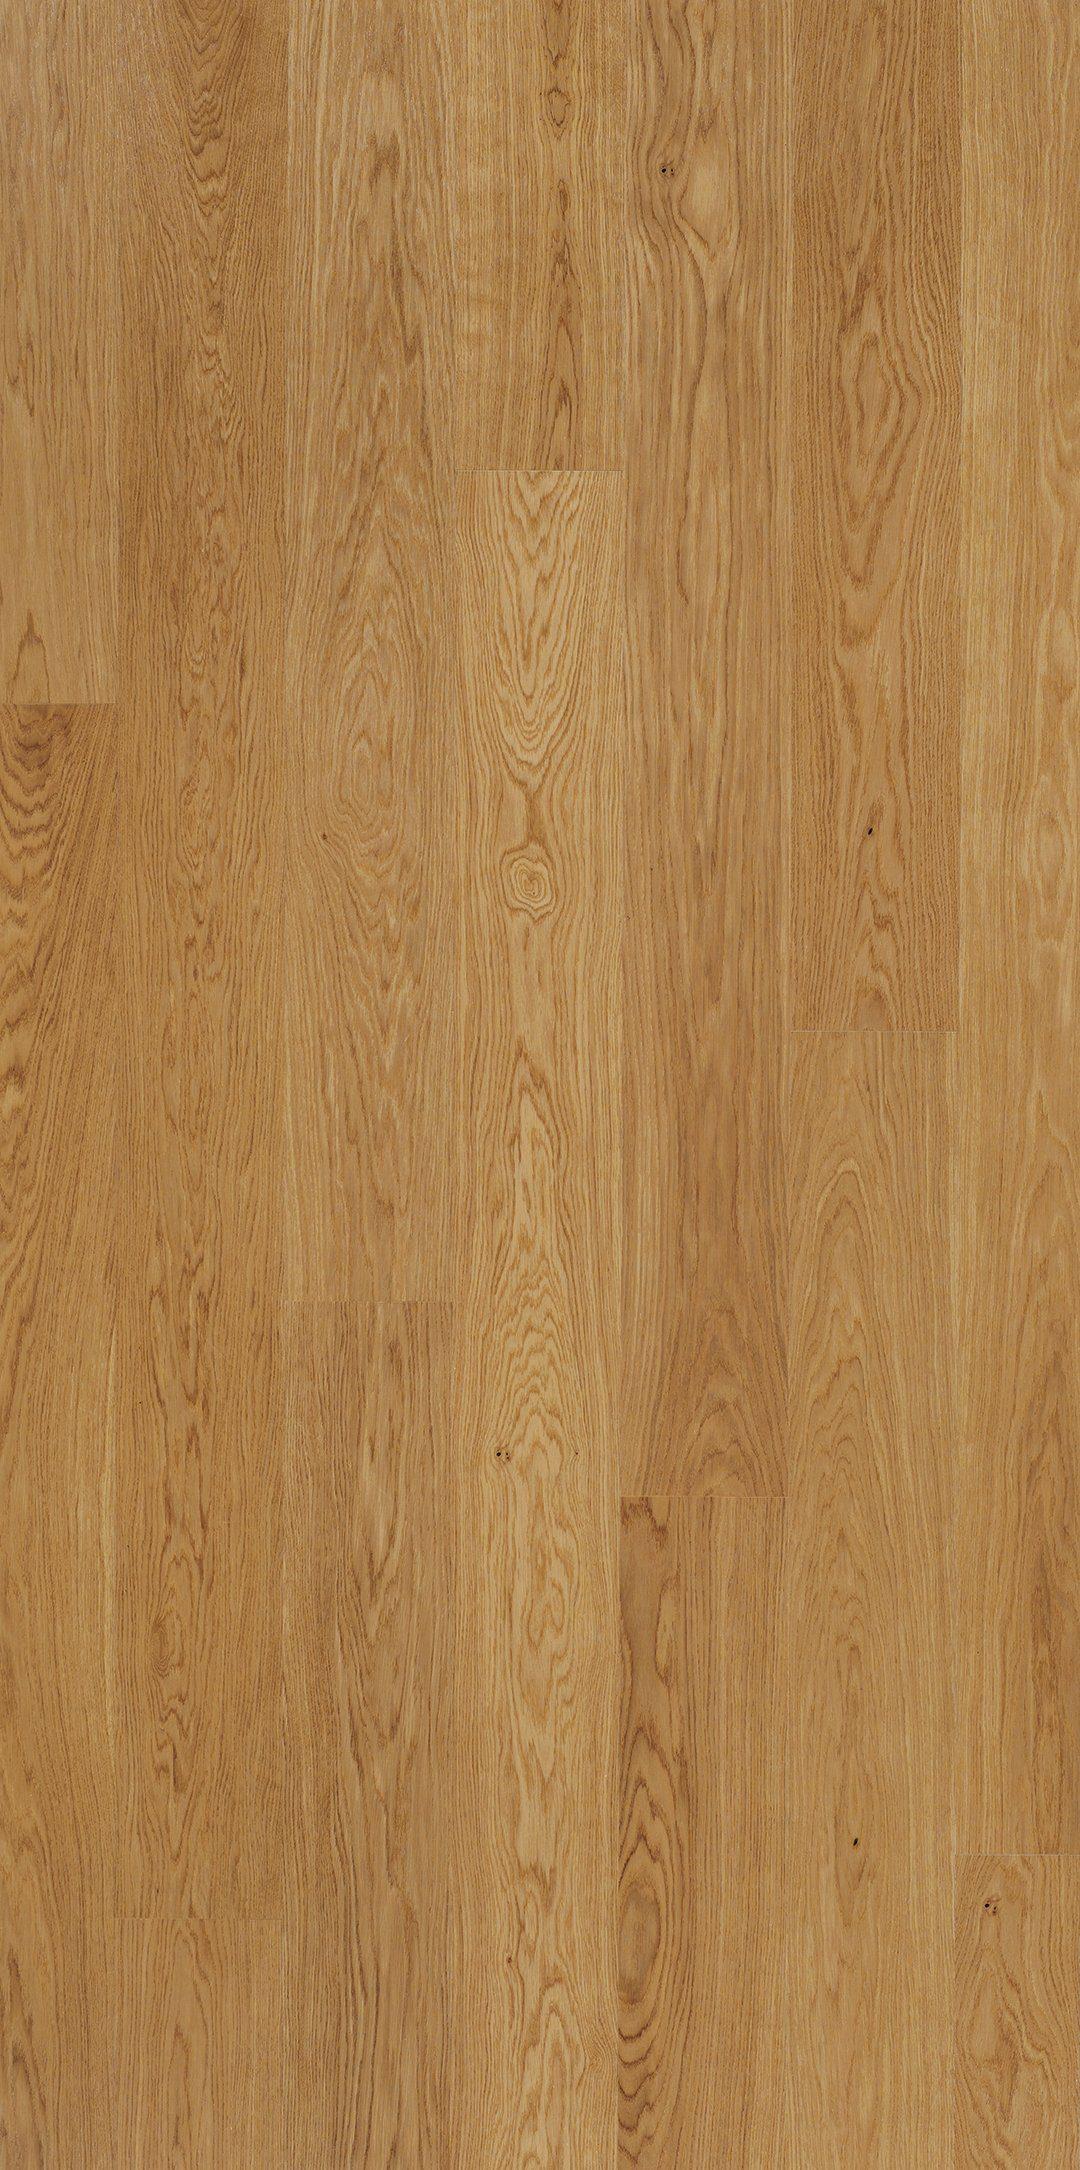 PARADOR Parkett »Classic 3060 Select - Eiche, lackiert«, 2200 x 185 mm, Stärke: 13 mm, 3,66 m²